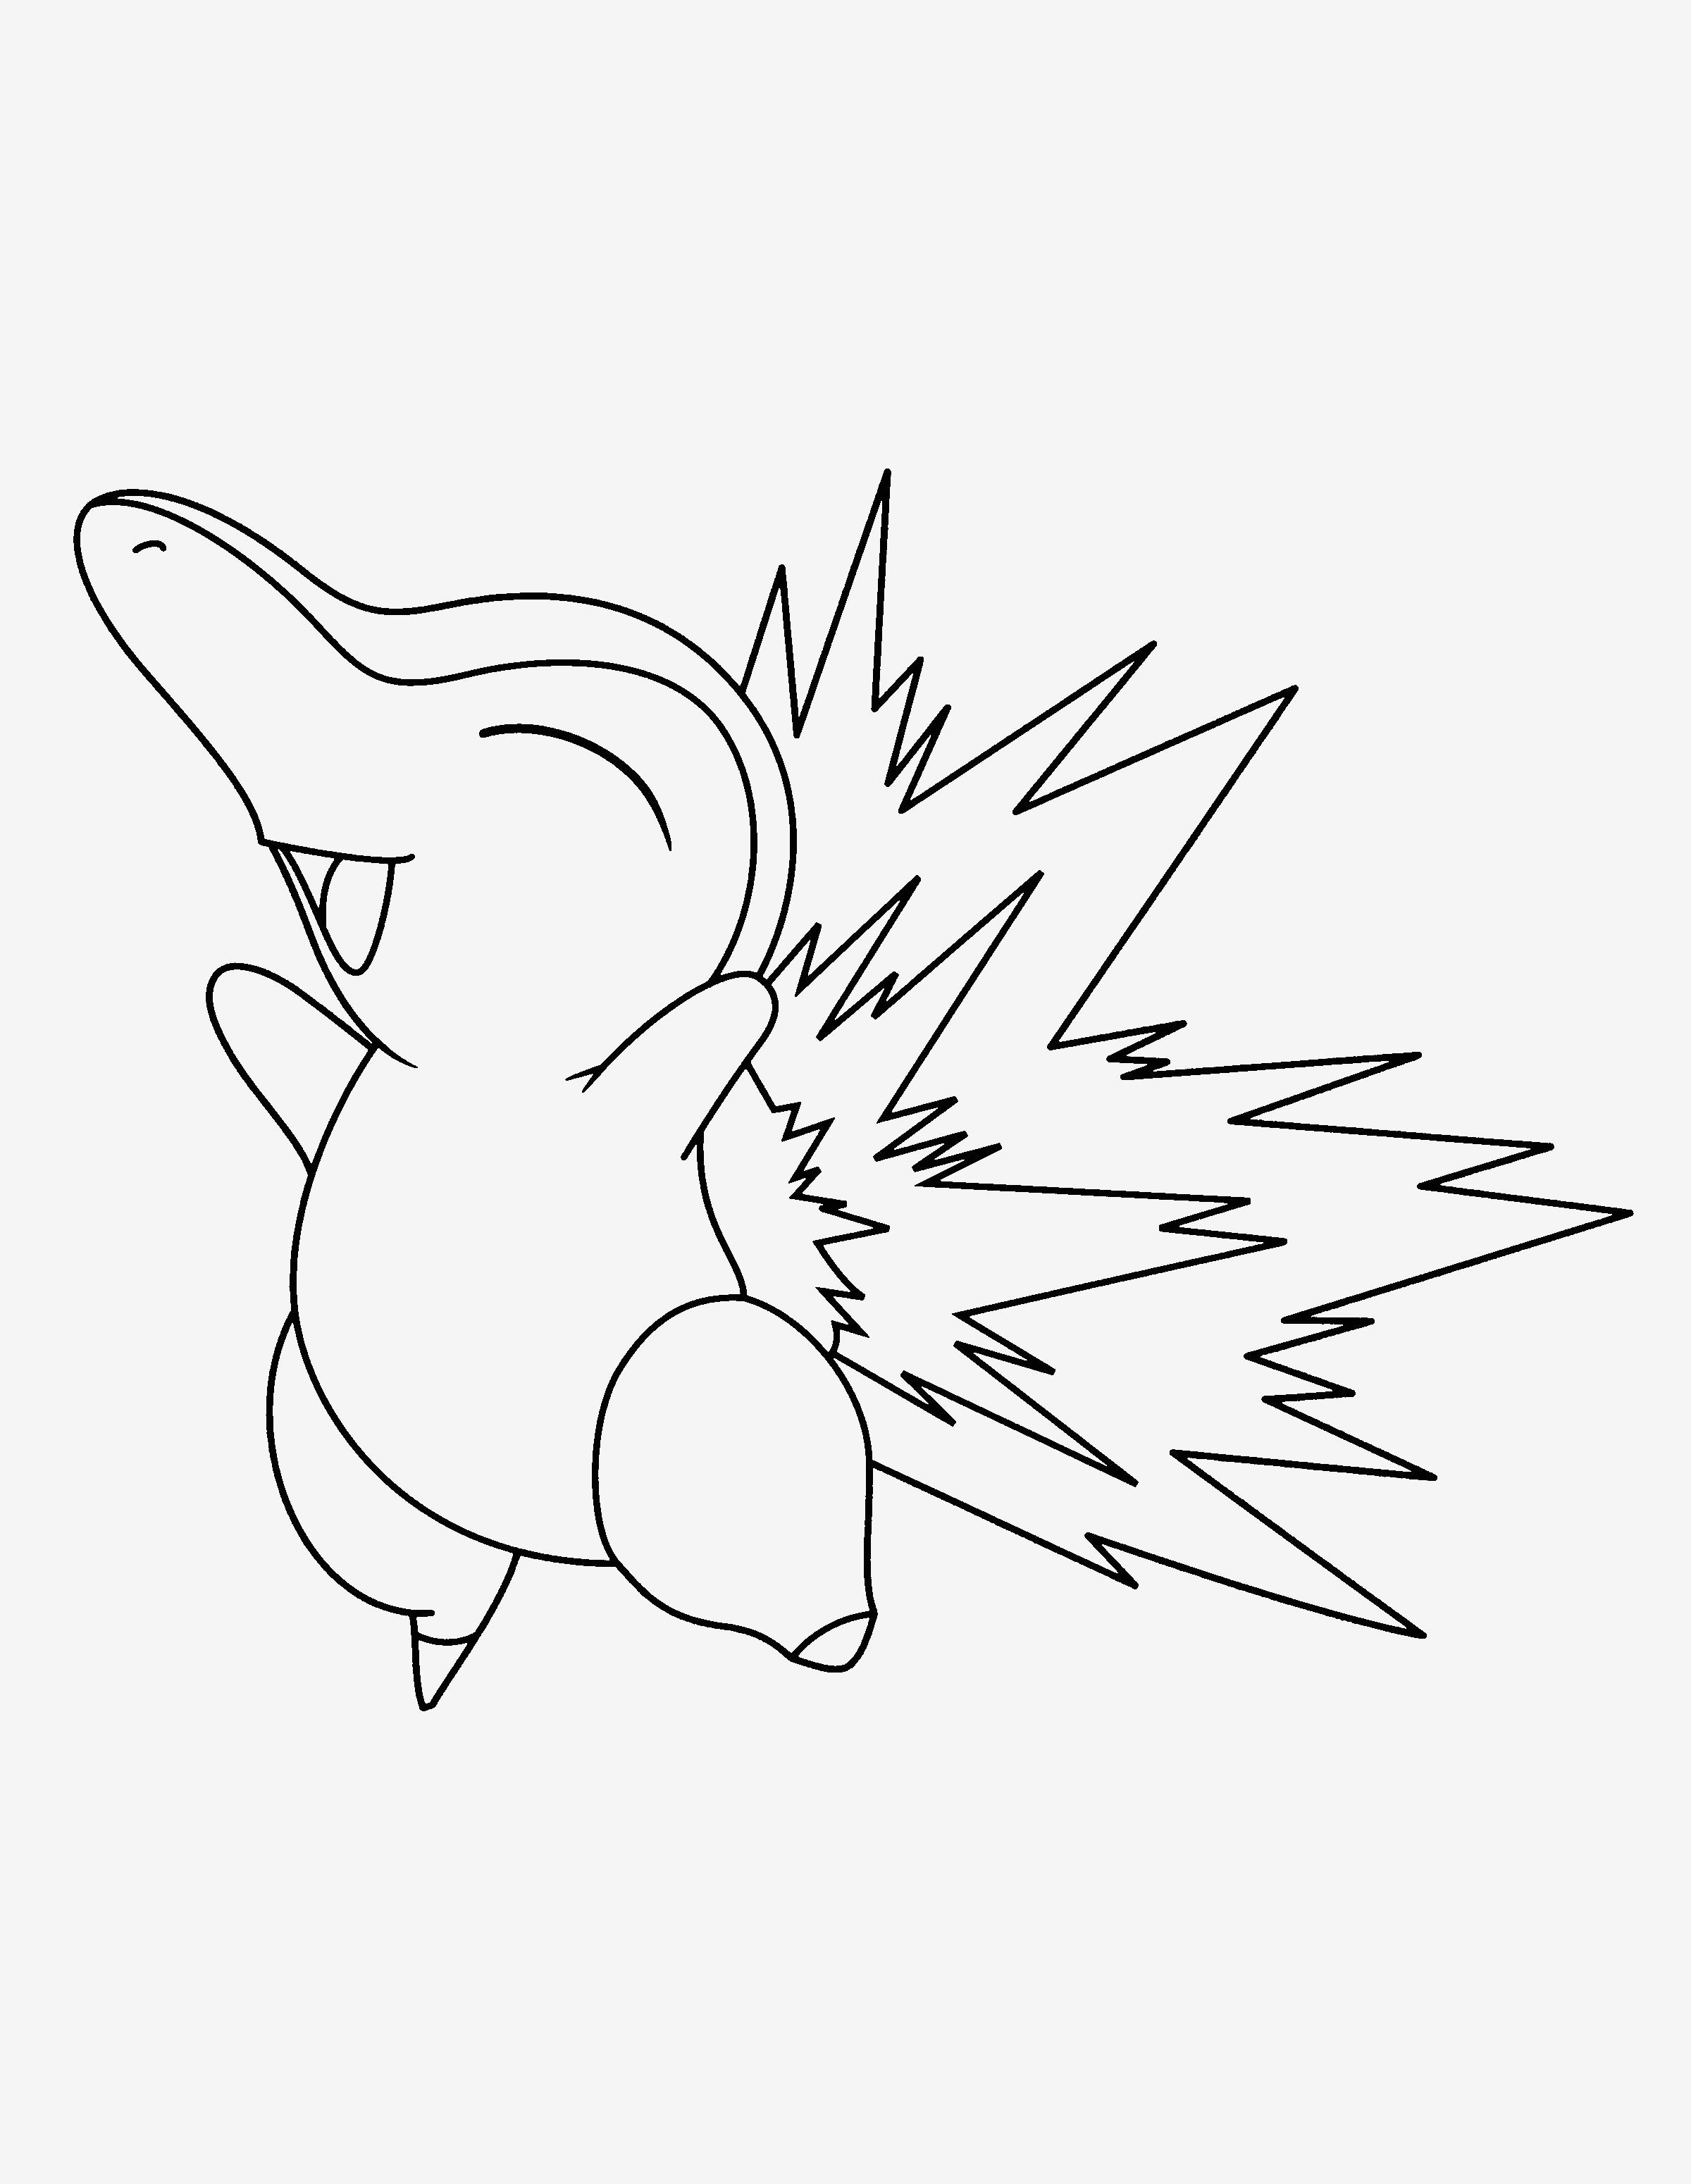 Kostenlose Ausmalbilder Pokemon Genial Spannende Coloring Bilder Ausmalbilder Pokemon Pikachu Stock